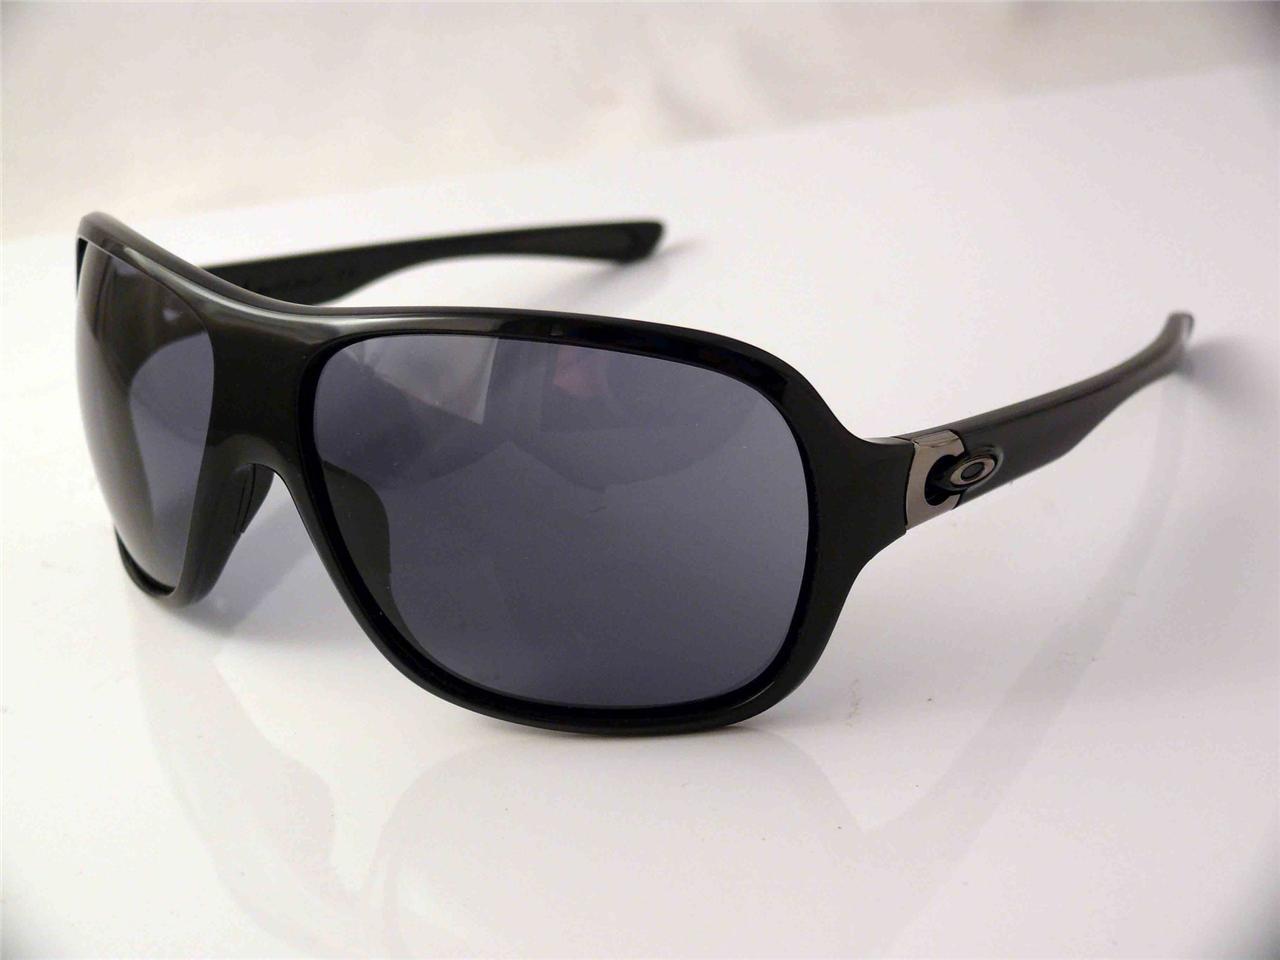 d83846f2d5d5 Oakley Protective Glasses